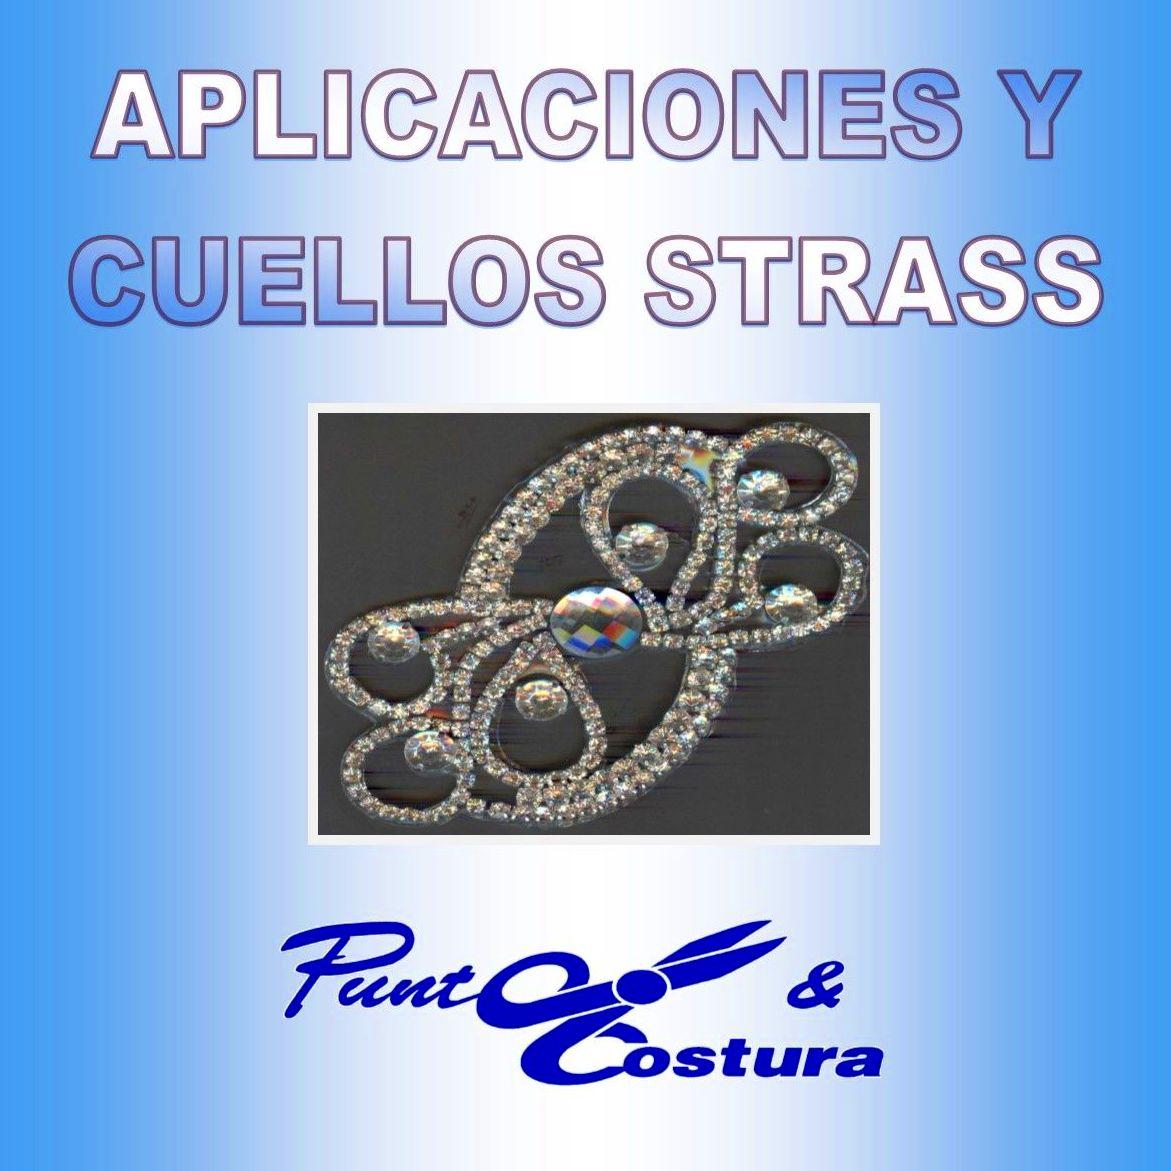 Aplicaciones Strass: Catálogo de MANUEL RODRÍGUEZ MARTÍNEZ